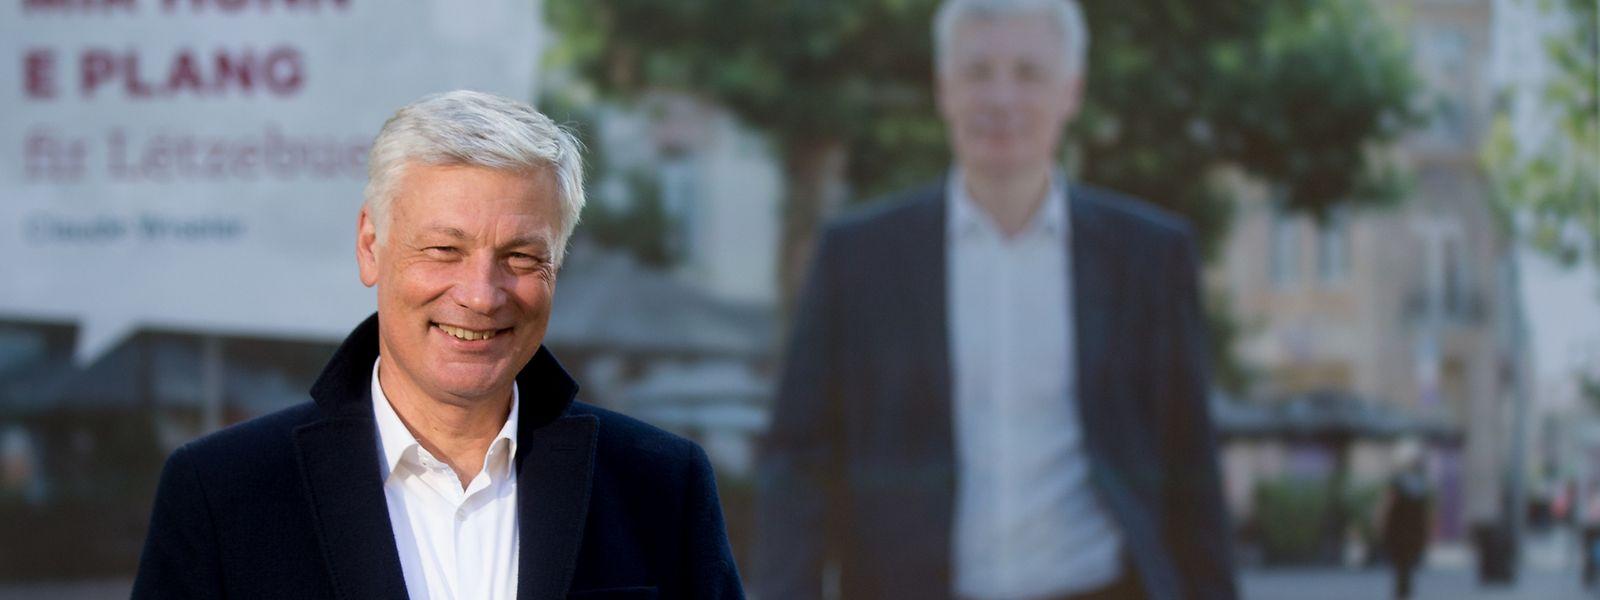 Zusammen mit der CSV will Claude Wiseler den Wechsel herbeiführen und ins Staatsministerium einziehen.